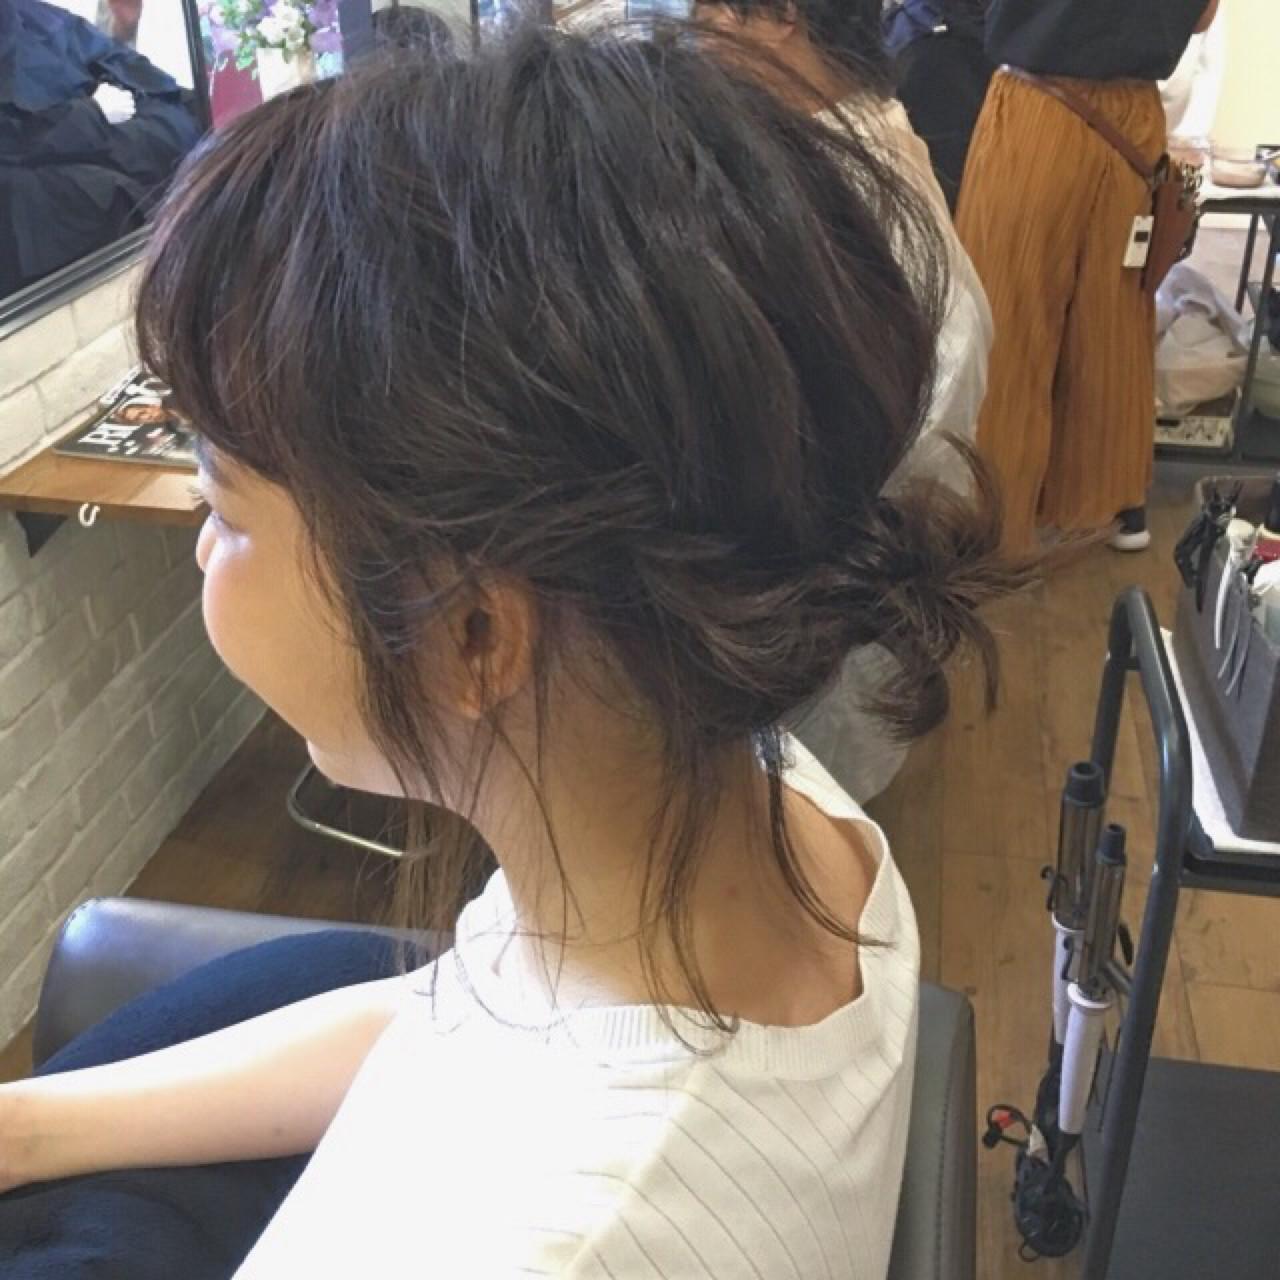 ナチュラル お団子 女子会 デート ヘアスタイルや髪型の写真・画像